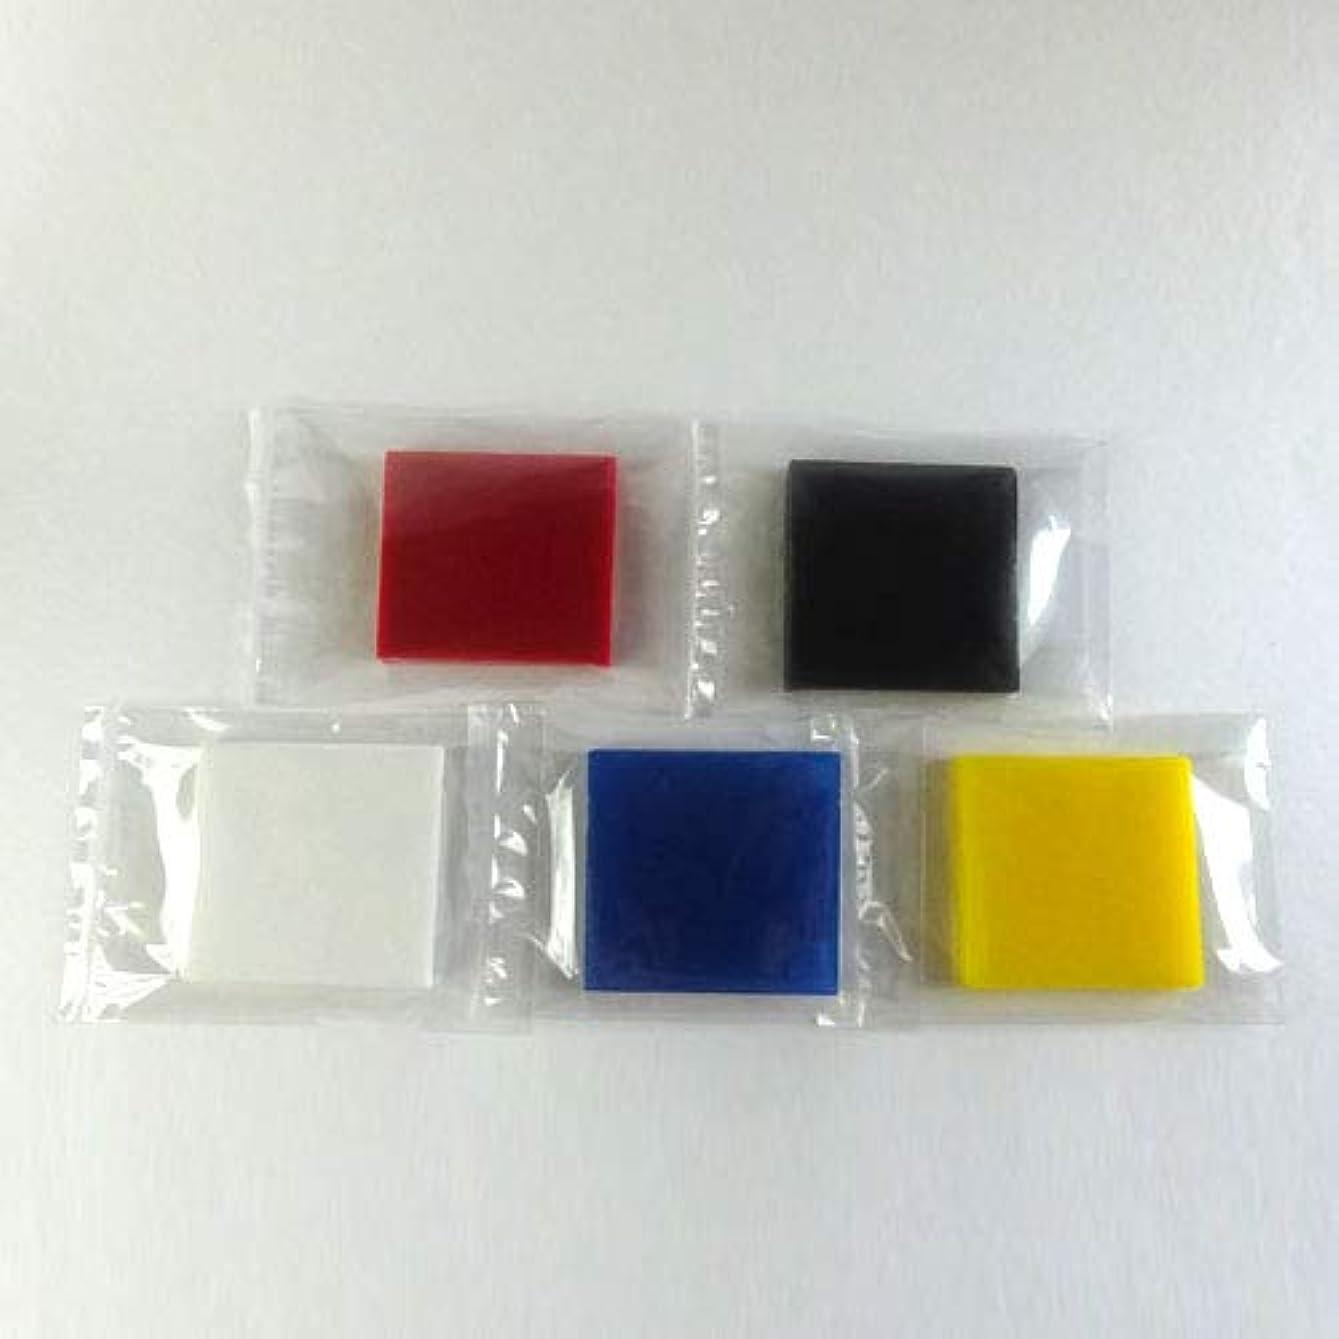 ボール財団適応的グリセリンソープ MPソープ 色チップ 5色(赤?青?黄?白?黒) 各60g(30g x 2pc)